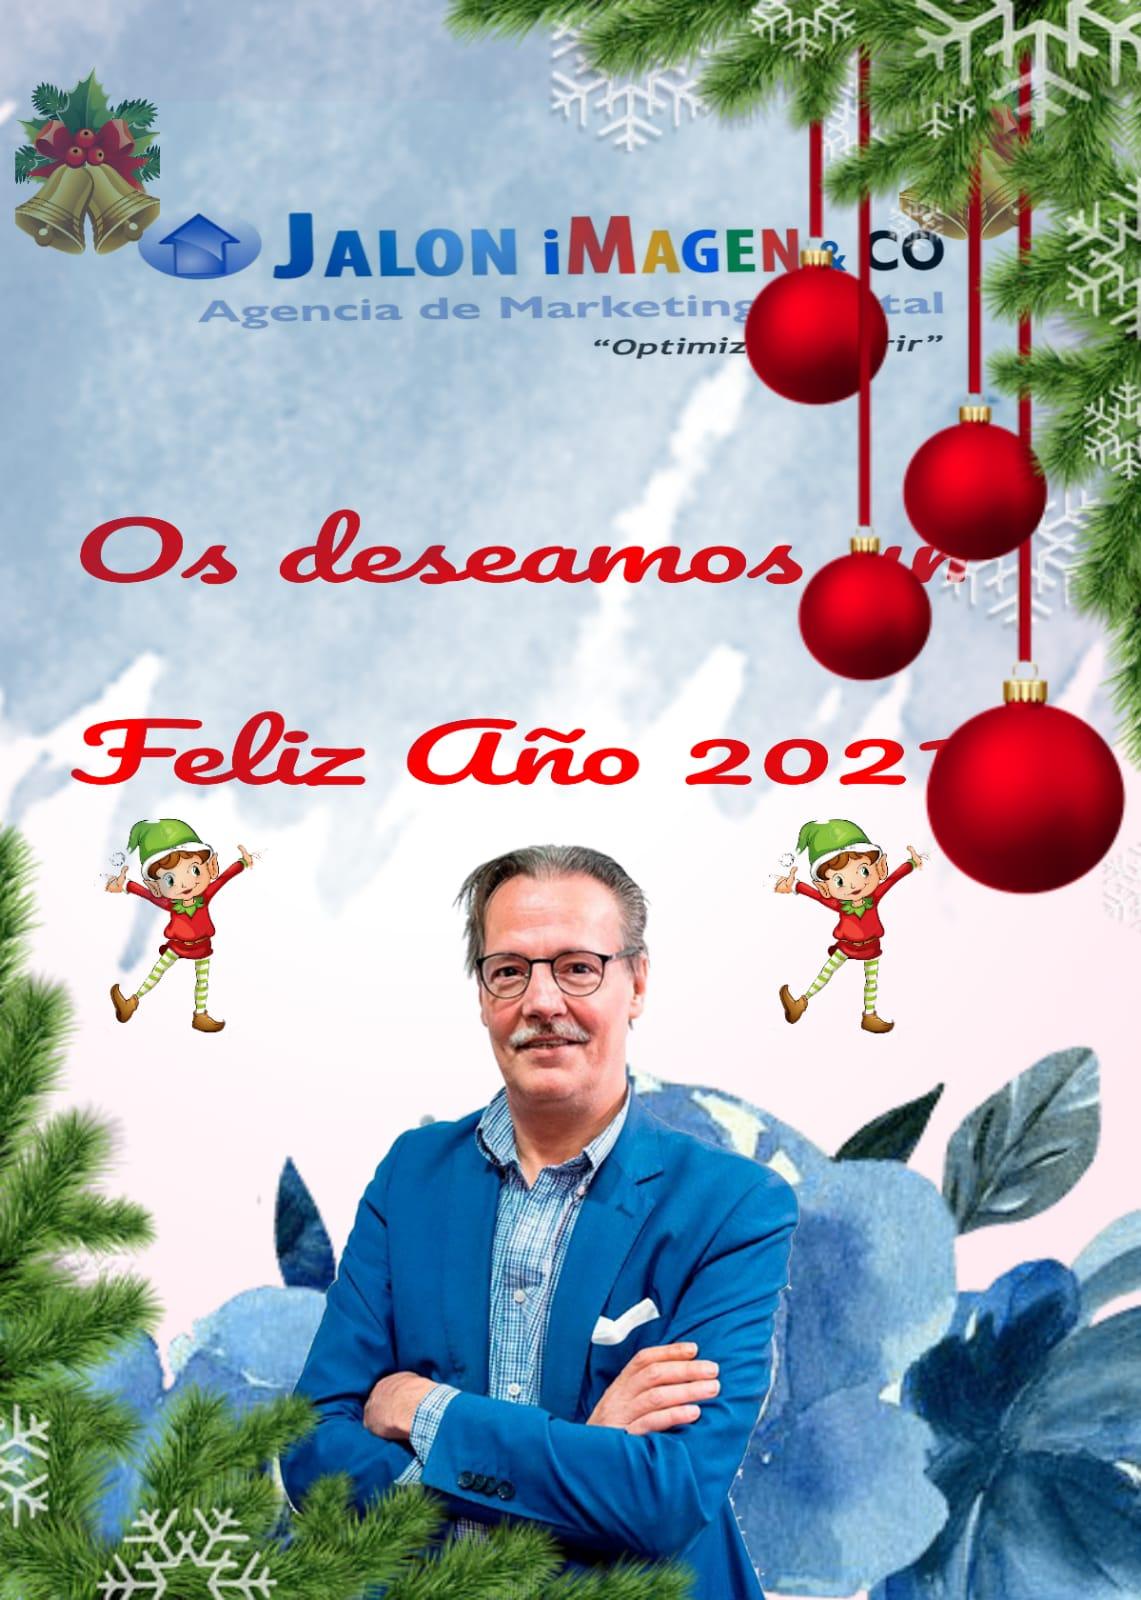 Desarrollo Diseño de Paginas web Valladolid os Desea un feliz Navidad 2020